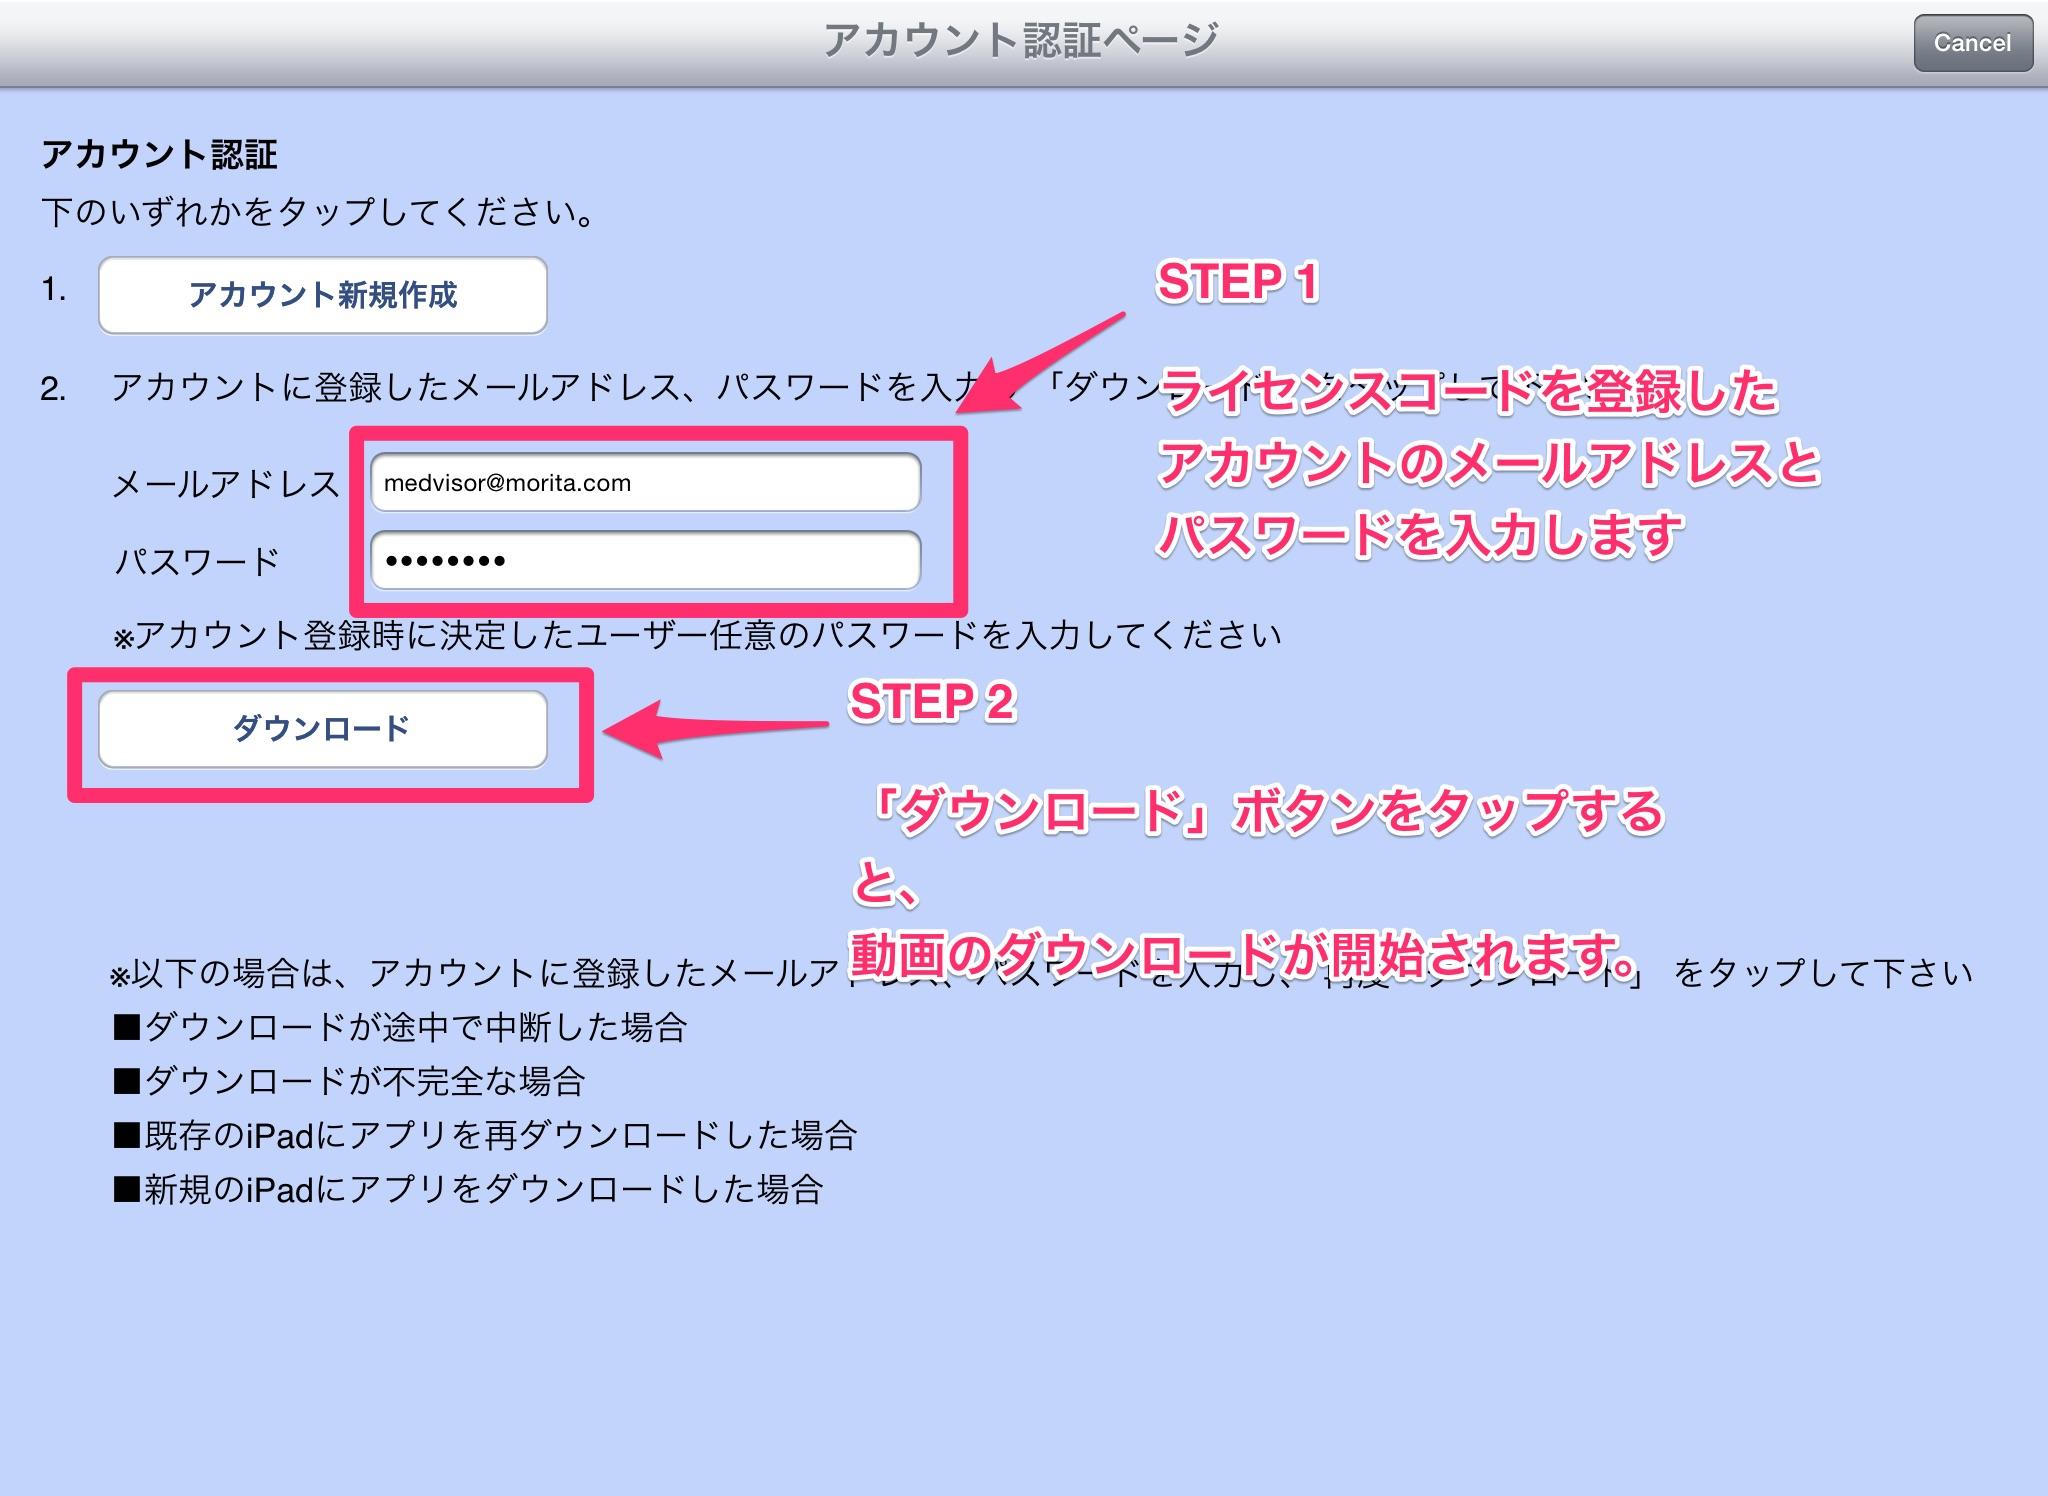 メールアドレスとパスワードを入力しダウンロードをタップします。